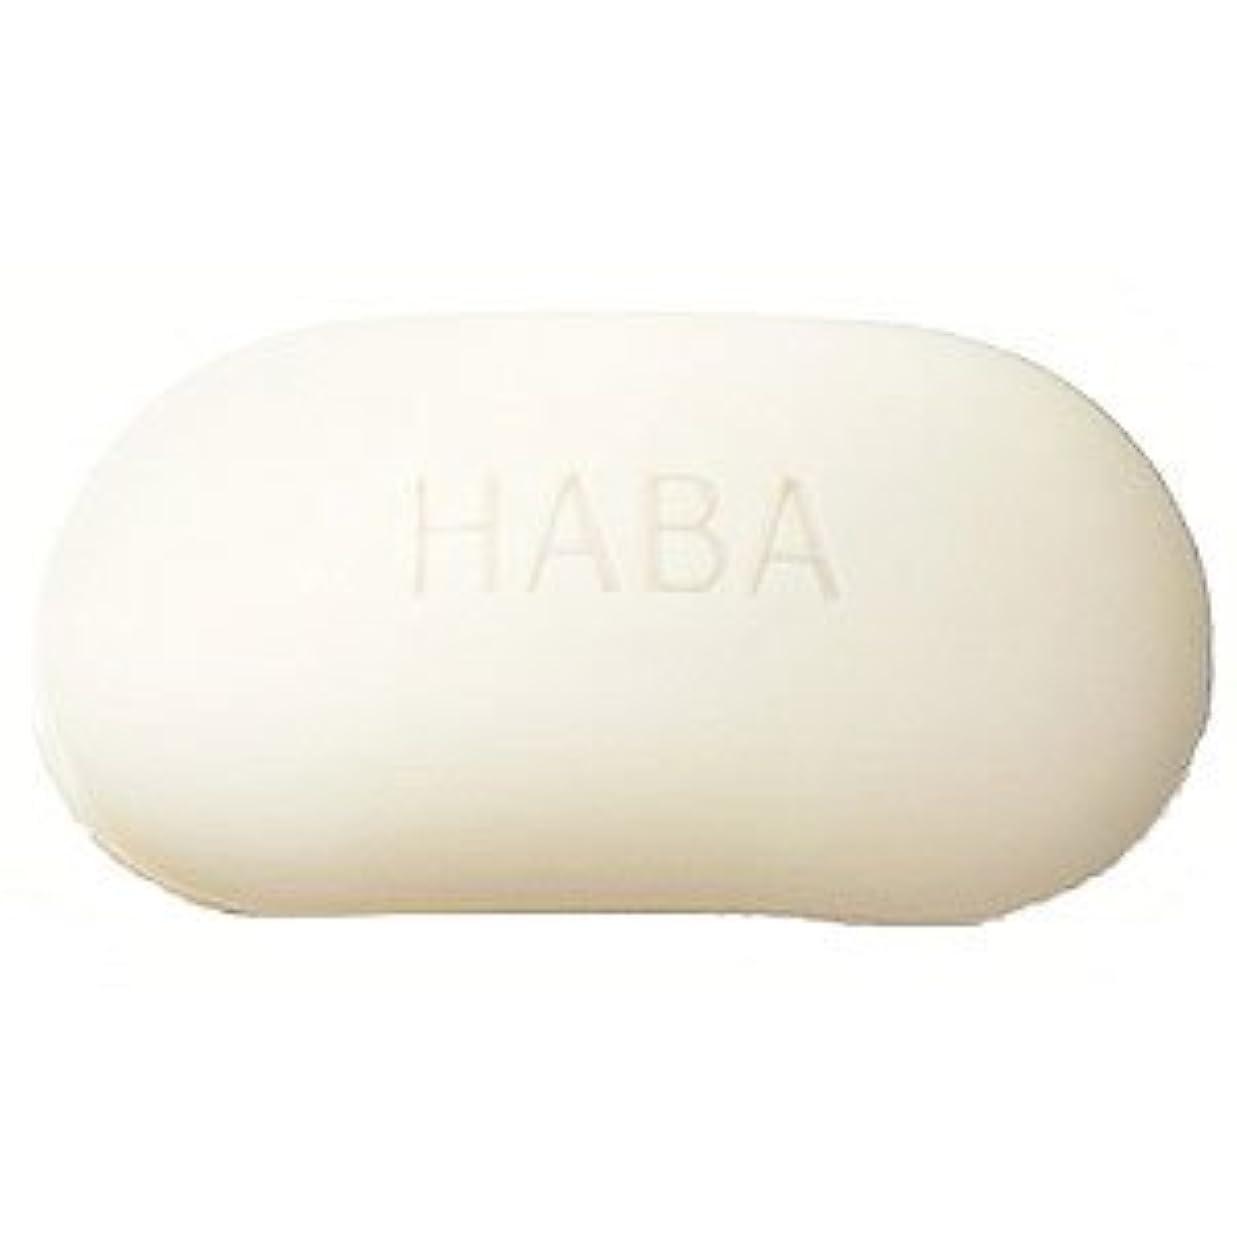 誠実さ広範囲に触手HABA 絹泡石けん 2個組<HABA/ハーバー(ハーバー研究所)>